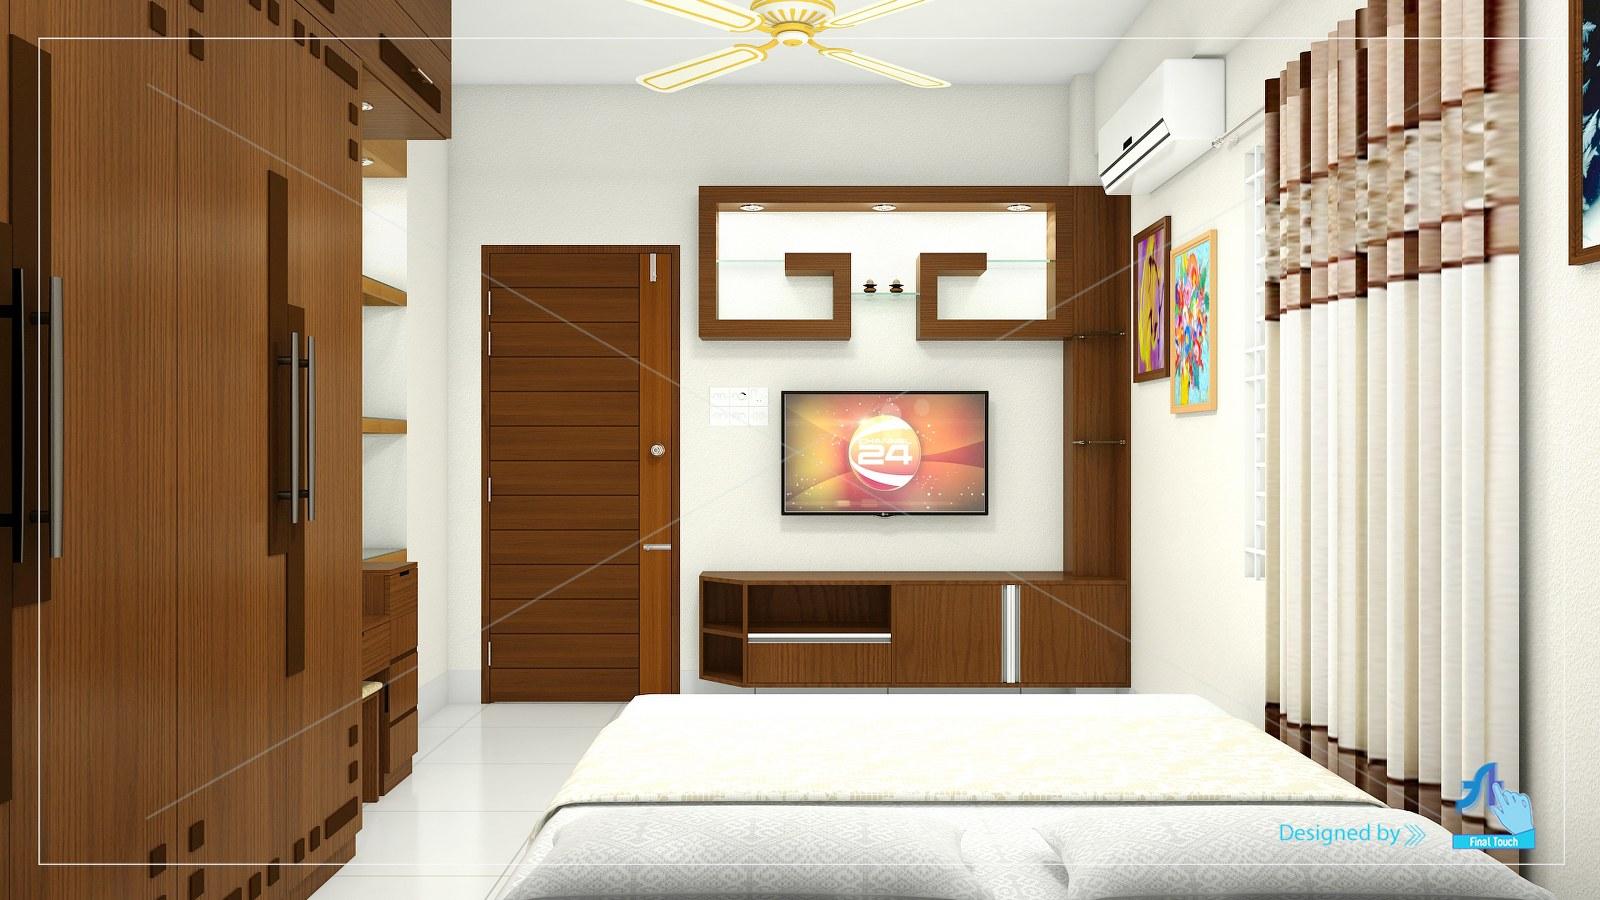 Mr Rokan Mamood Home Interior Design Final Touch